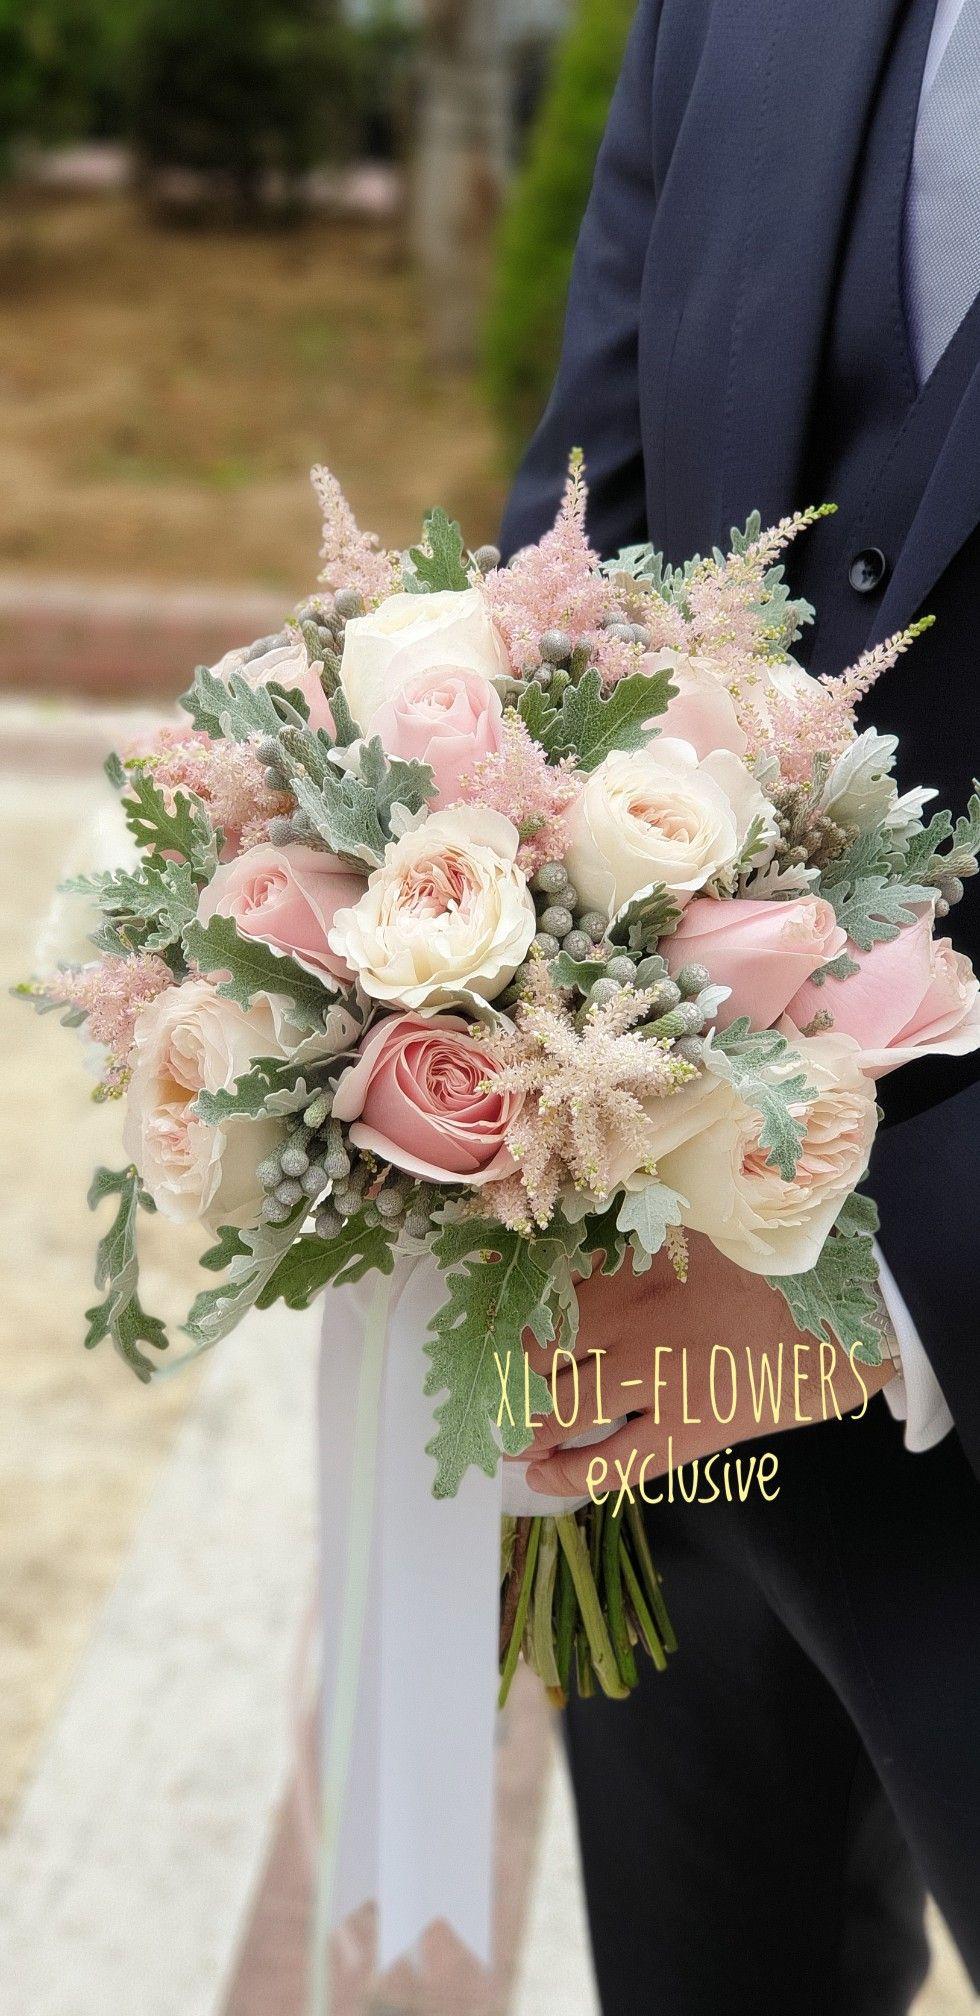 Ρομαντική νυφική ανθοδέσμη με ροζ μεταξένιες αποχρώσεις...